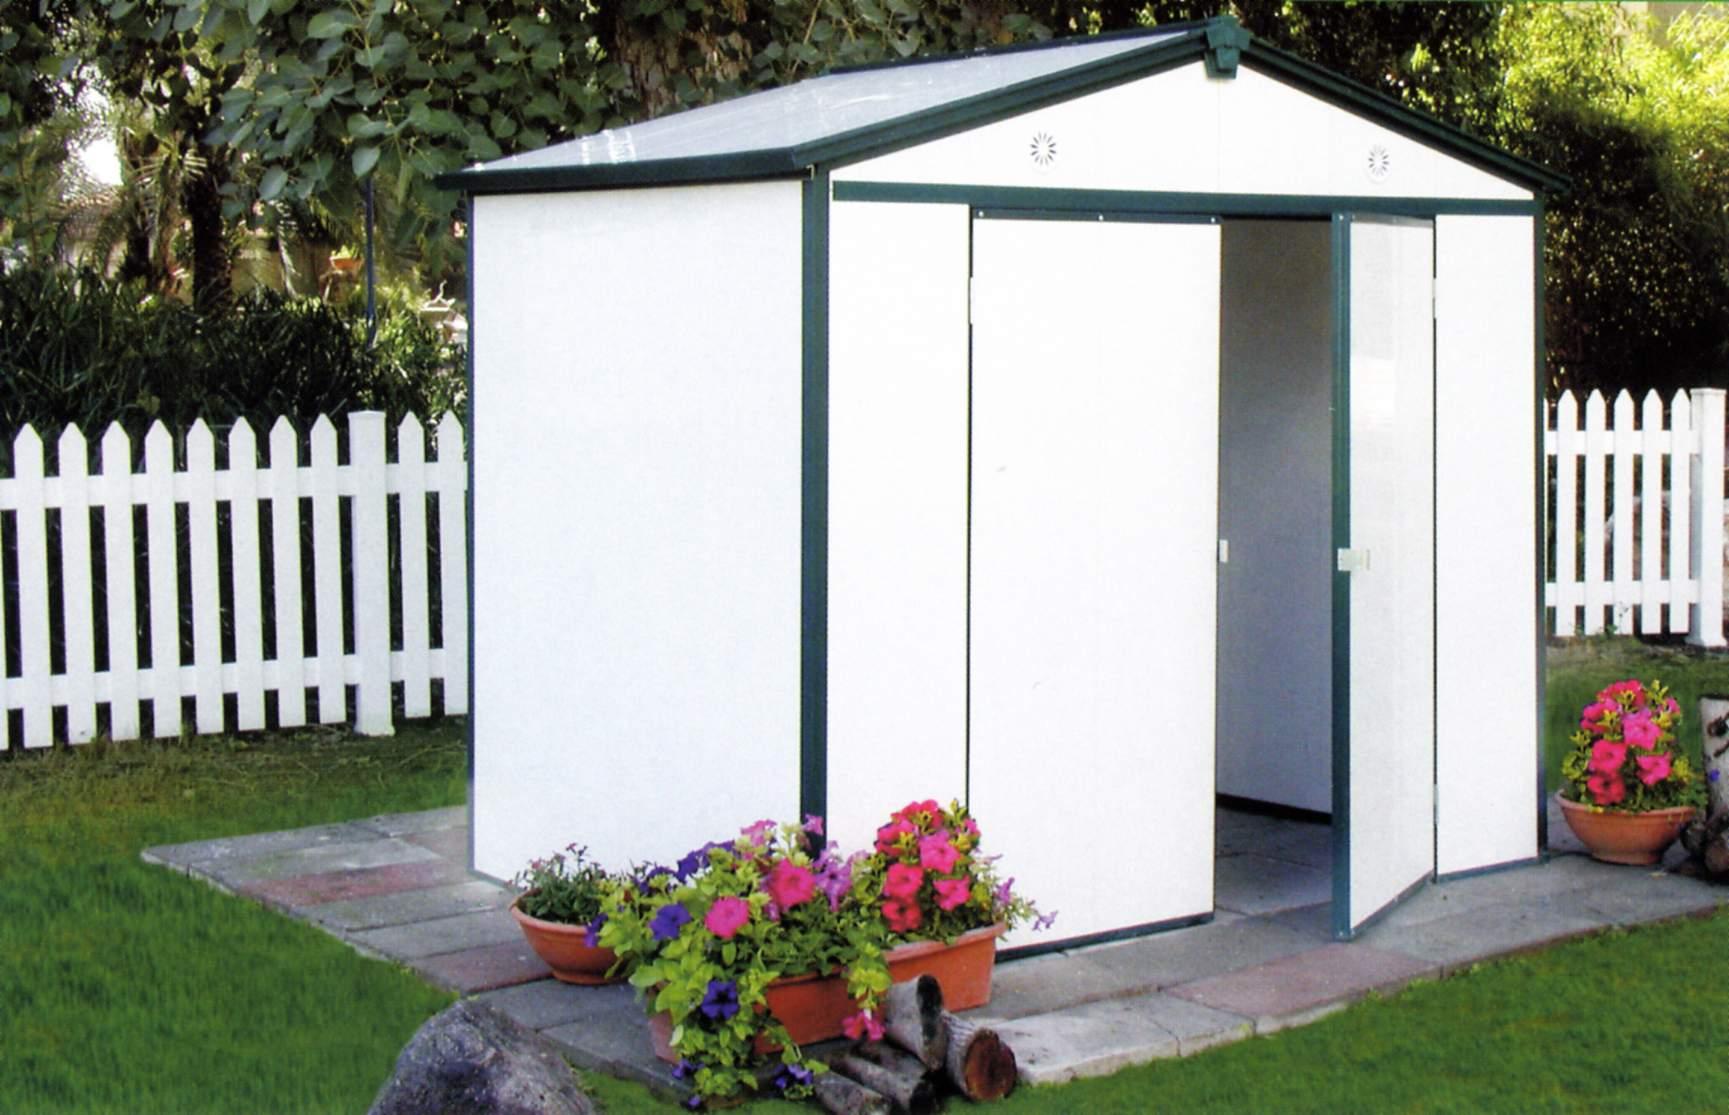 Interdima caseta de jard n pvc modelo inter 64 aislada for Casas para jardin de pvc